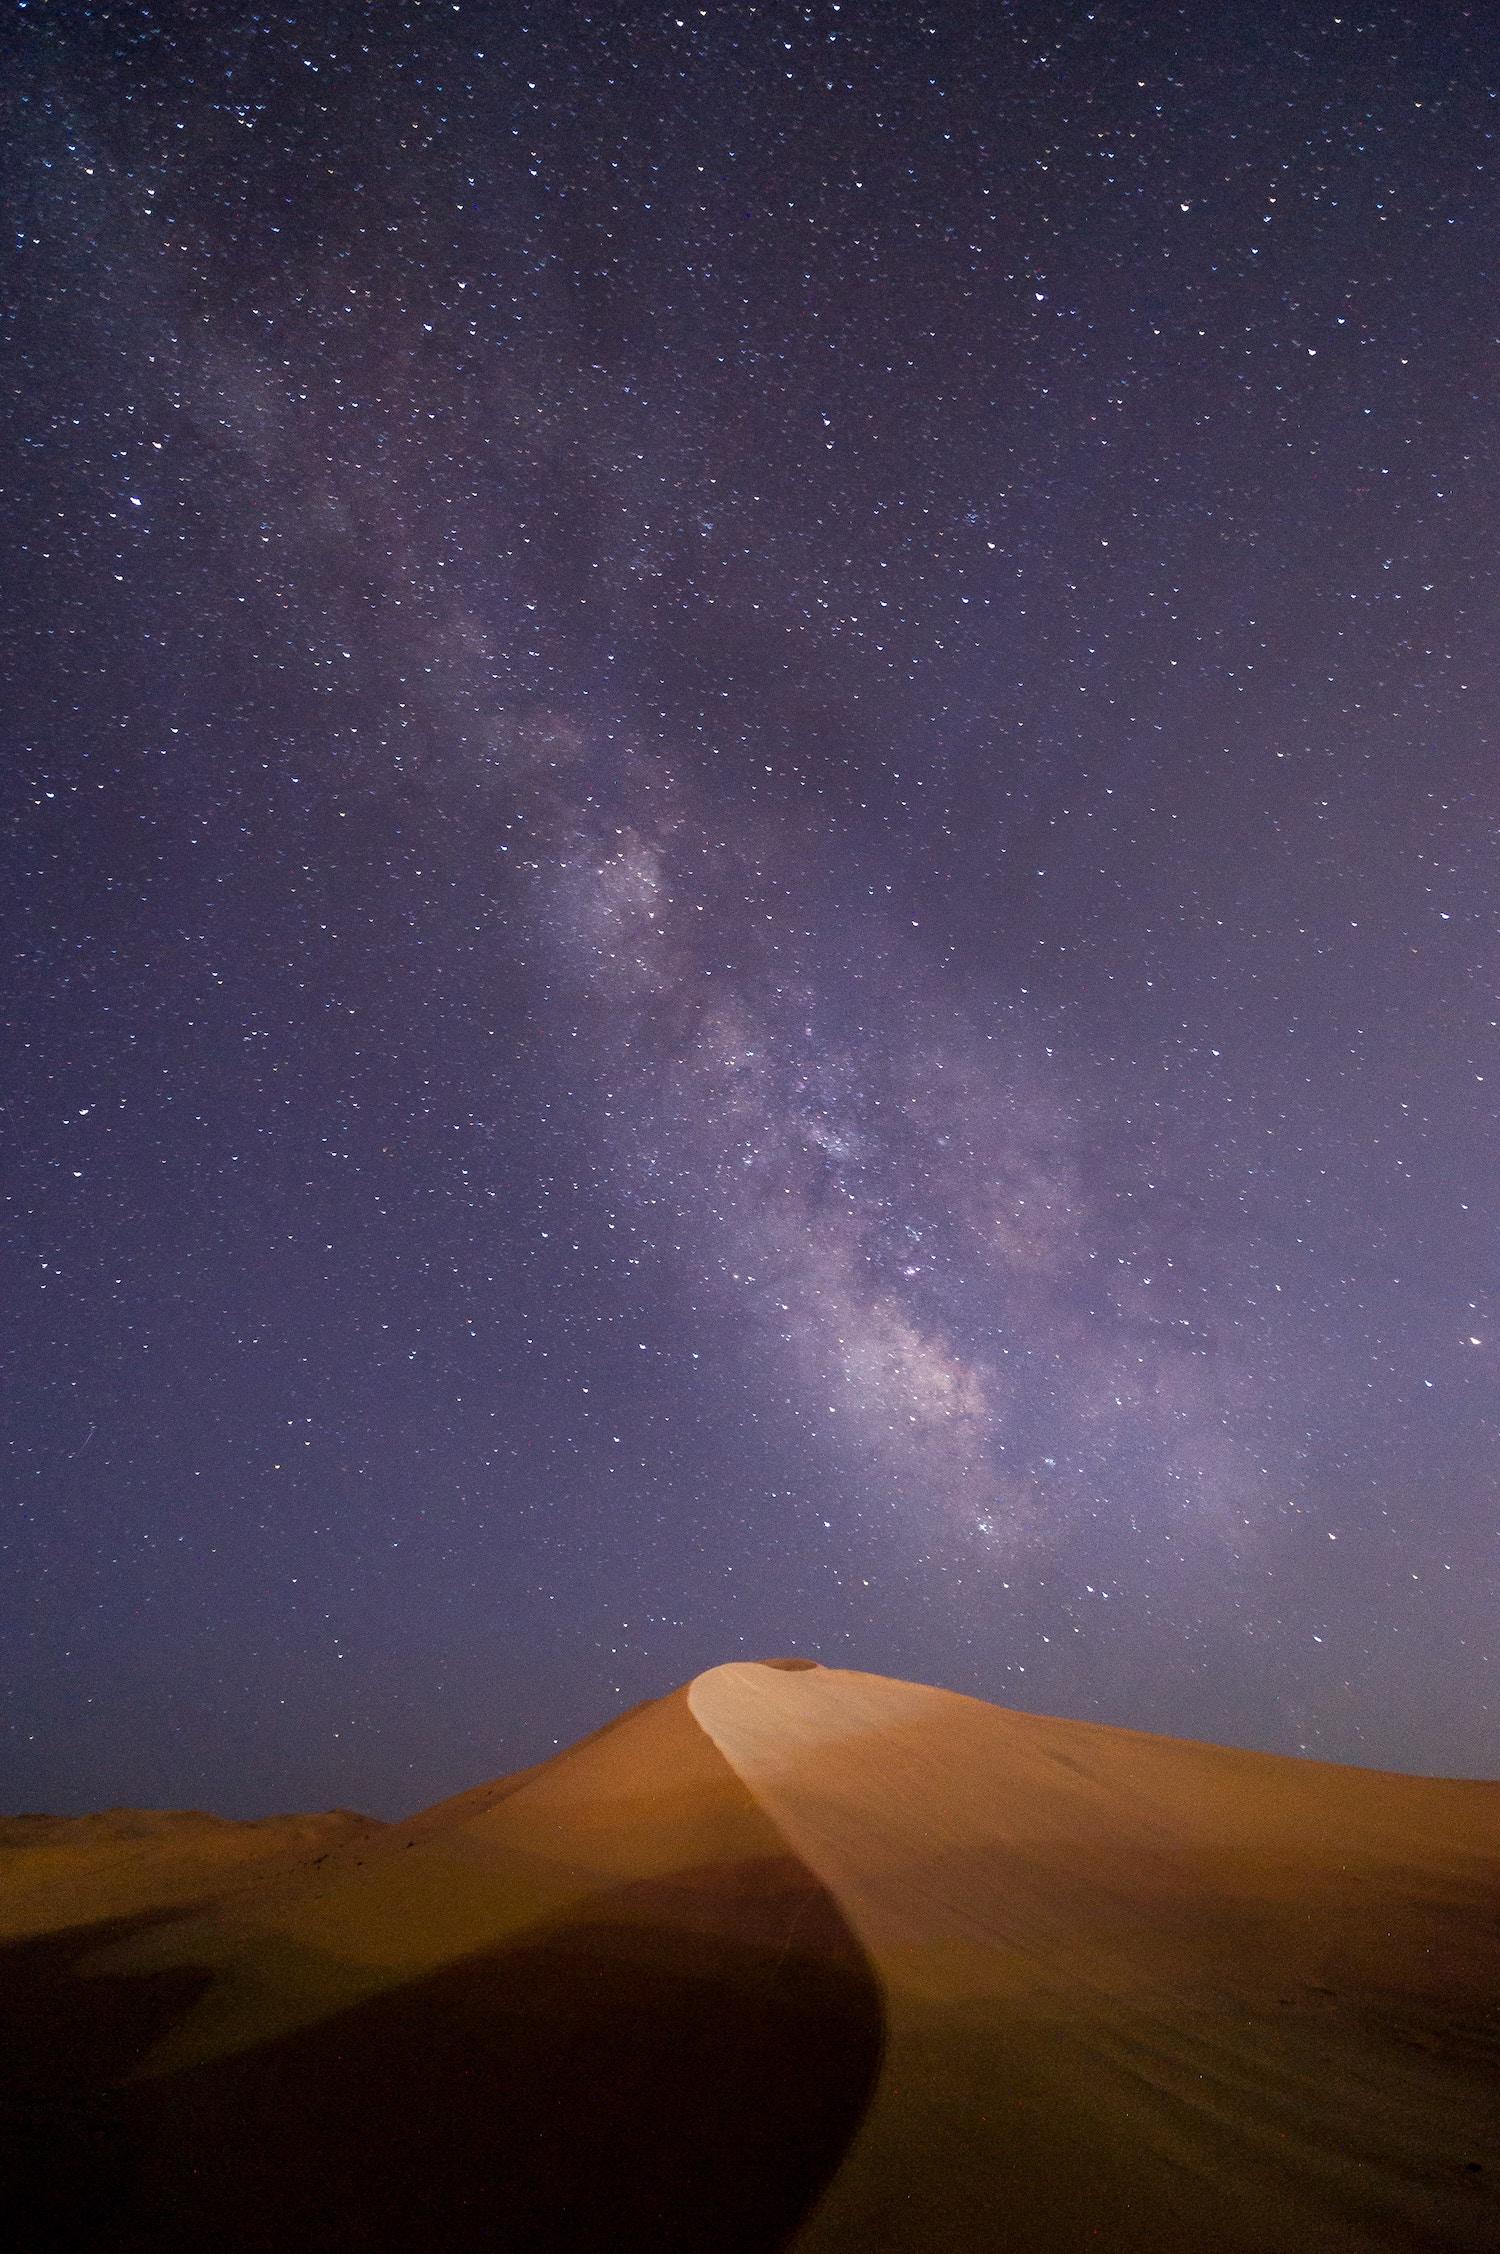 dune and star.jpg